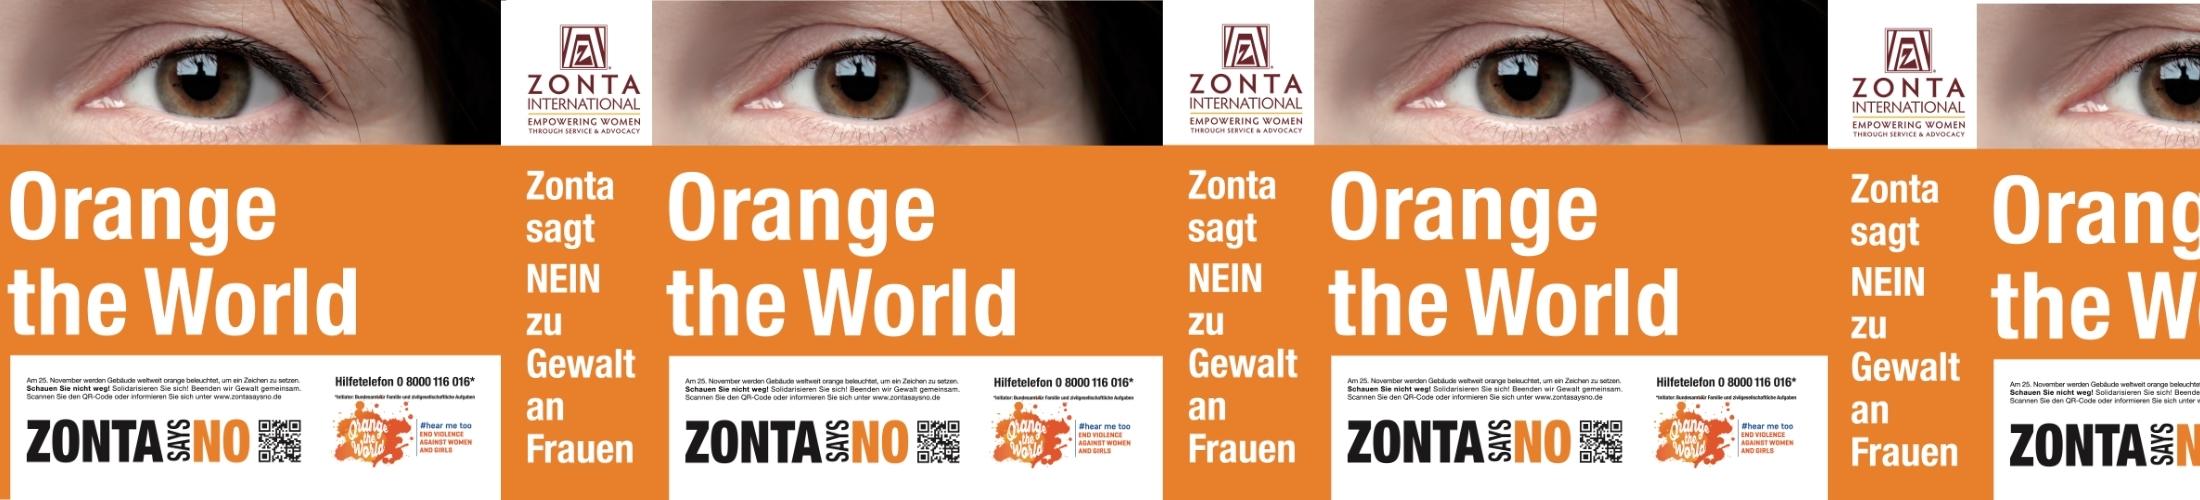 Banner Orange The World